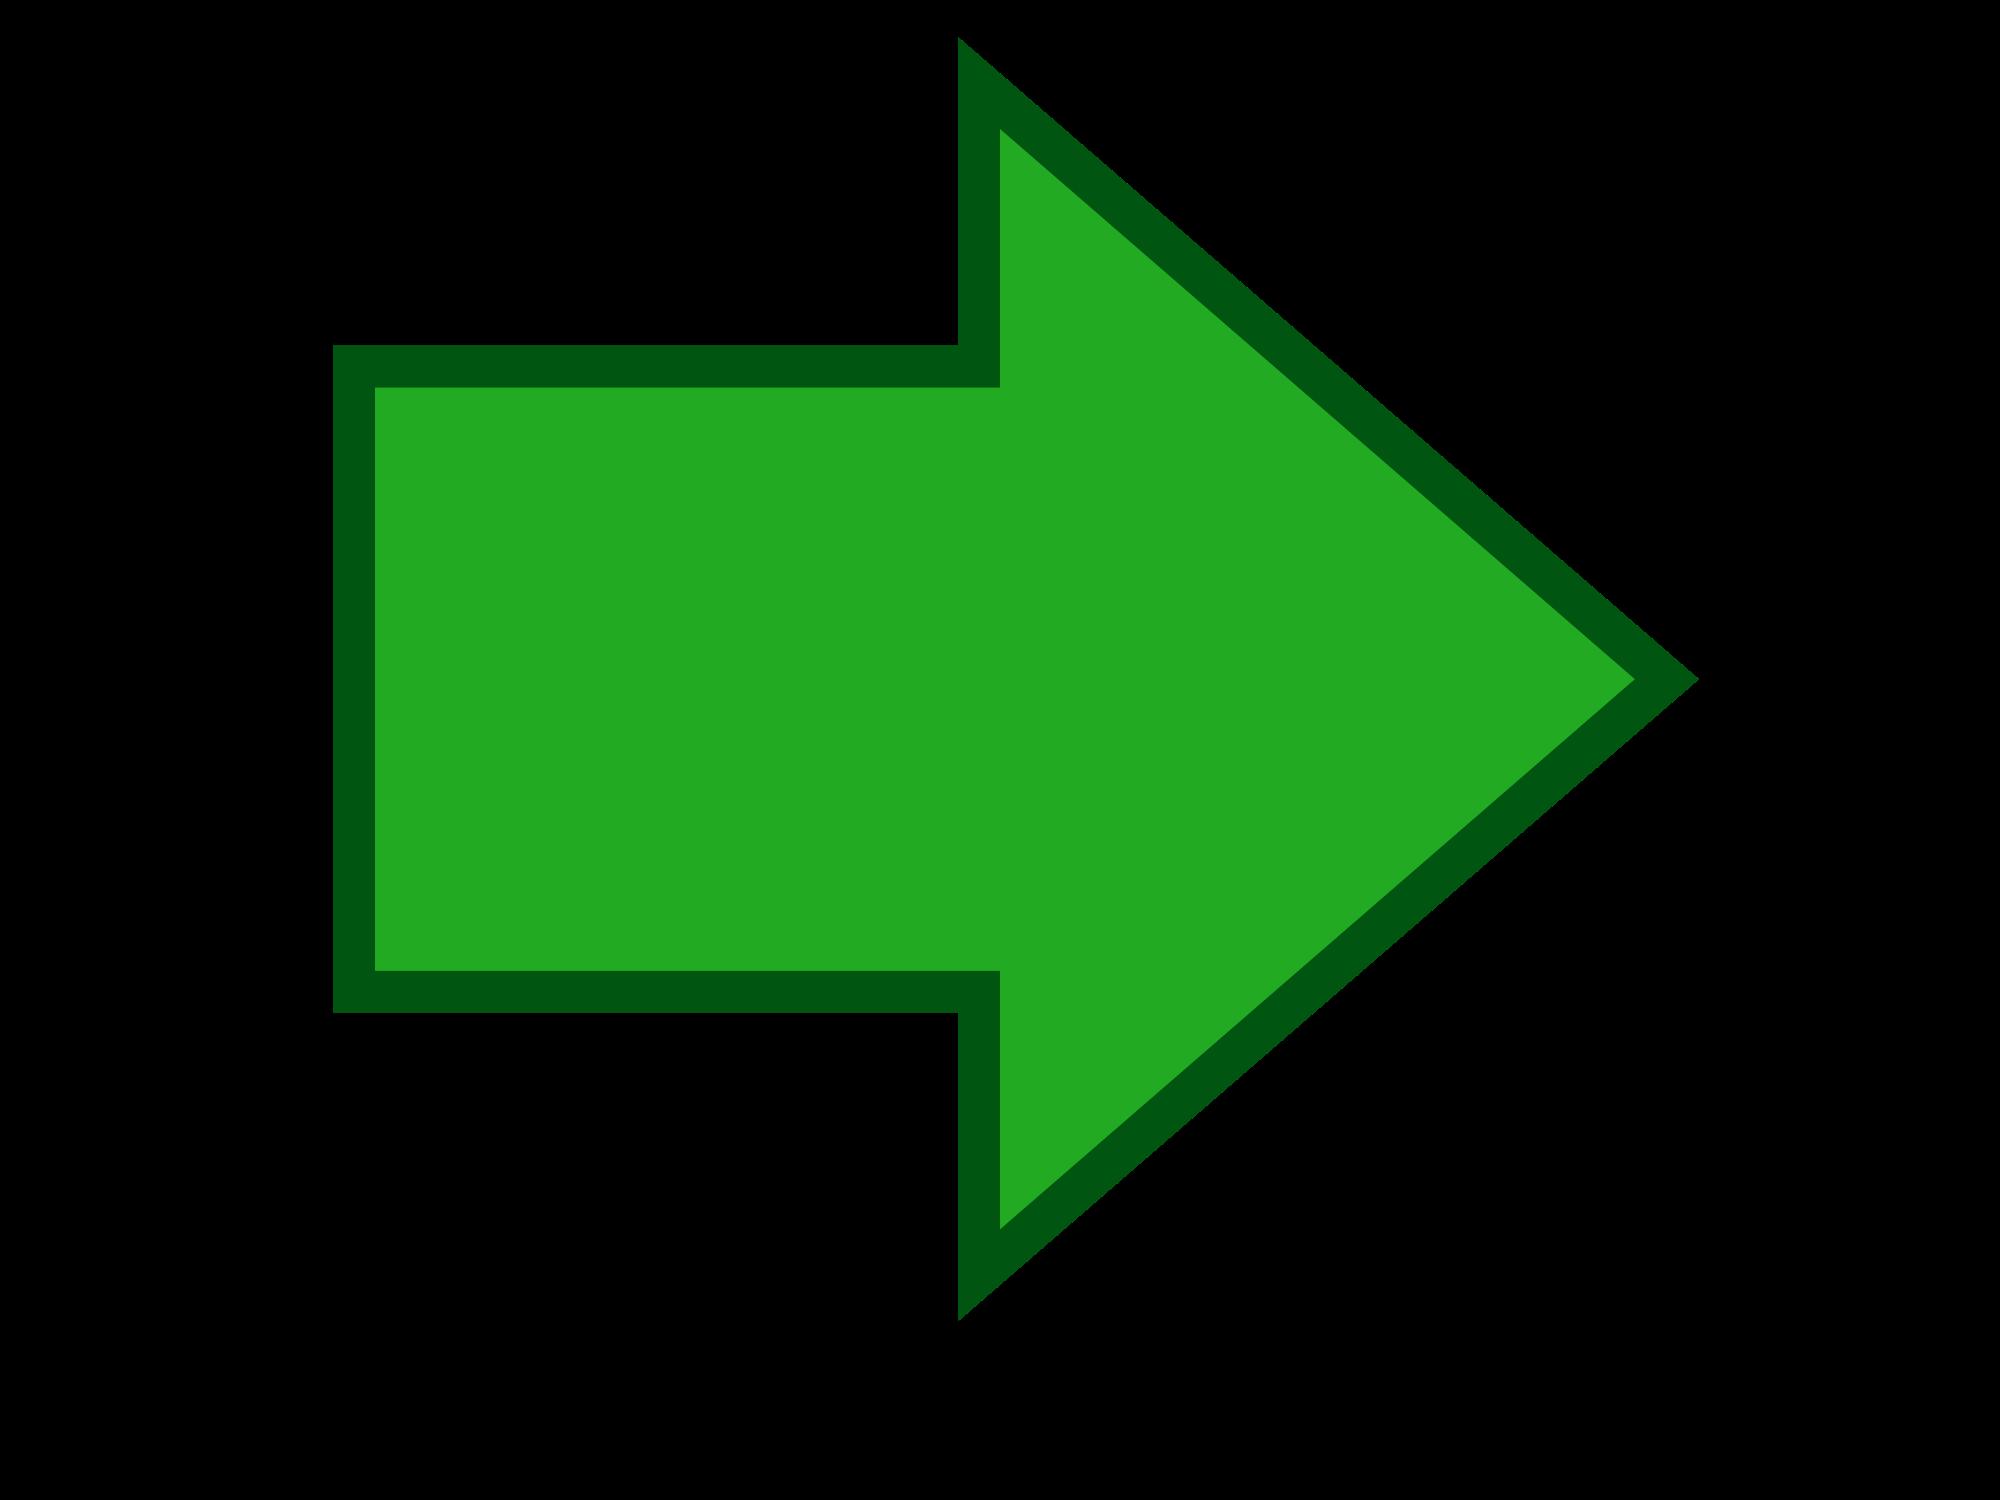 square clipart green square #144097016